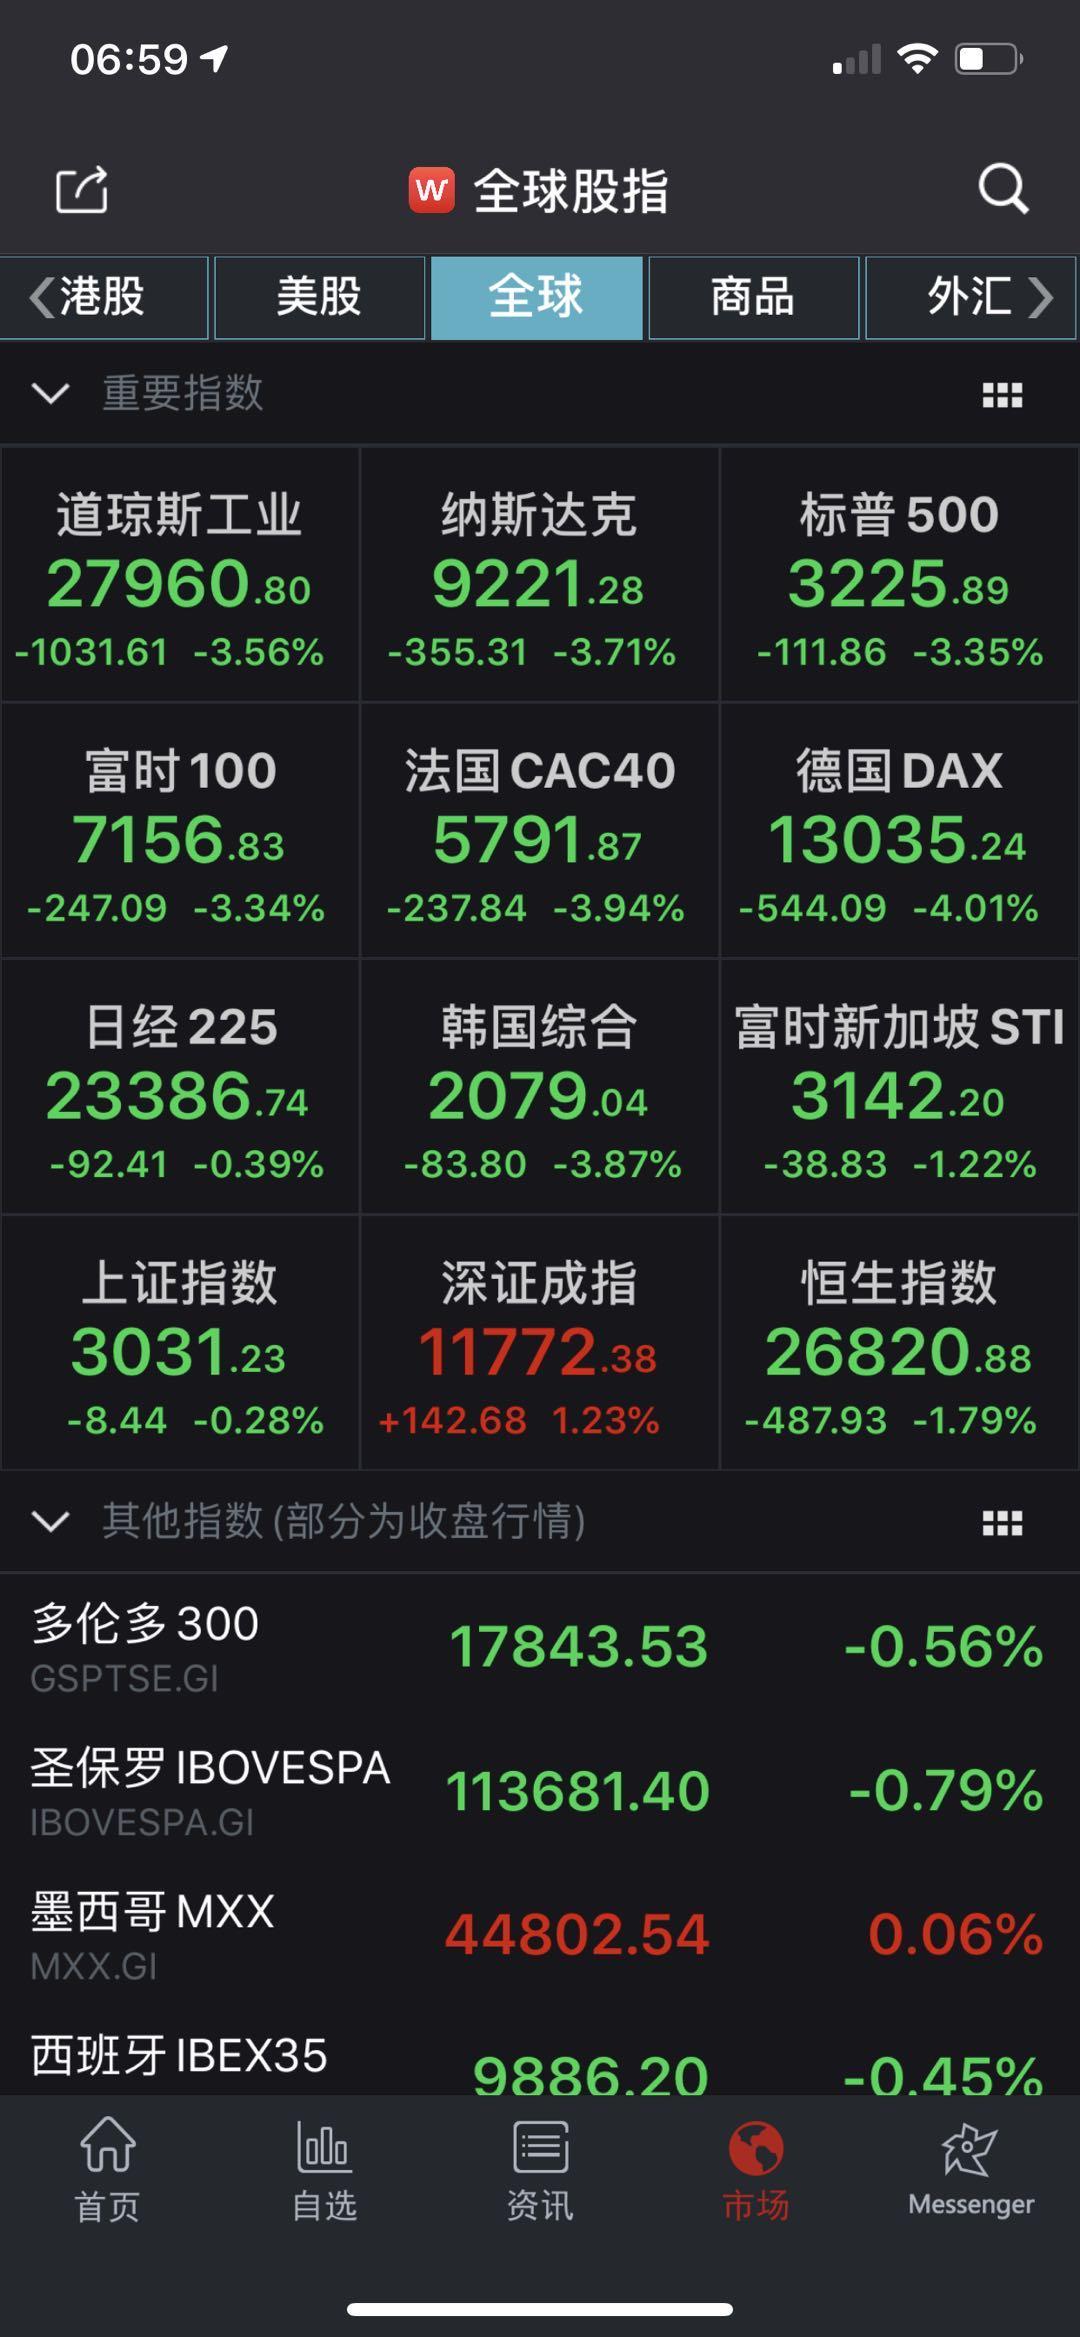 欧美股市全线暴跌:道指狂泻超千点,华尔街激辩新冠疫情冲击